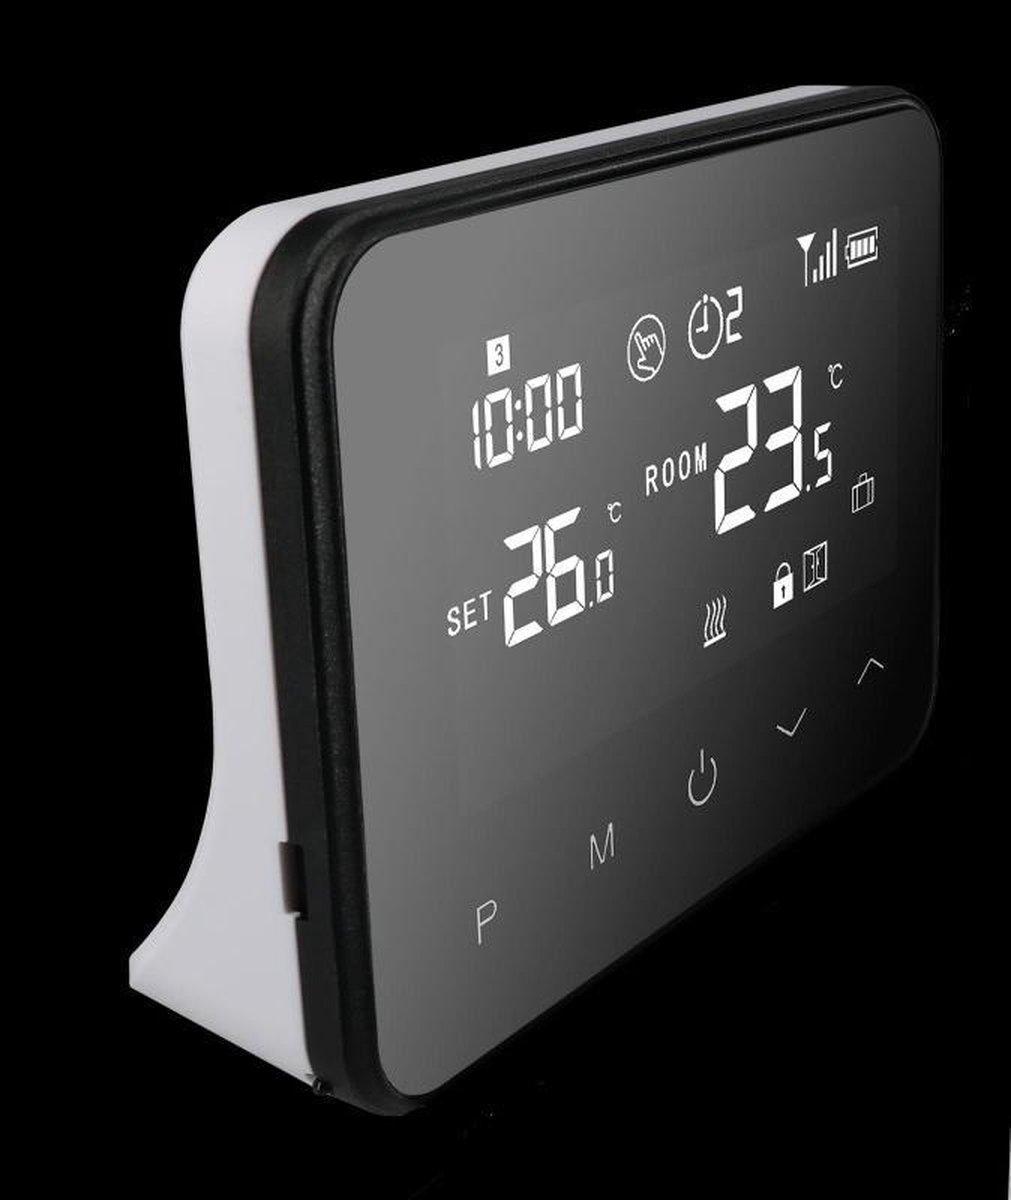 Optima W Exclusive, wifi en RF slimme thermostaat voor elektrische- en conventionele verwarmingsinstallaties